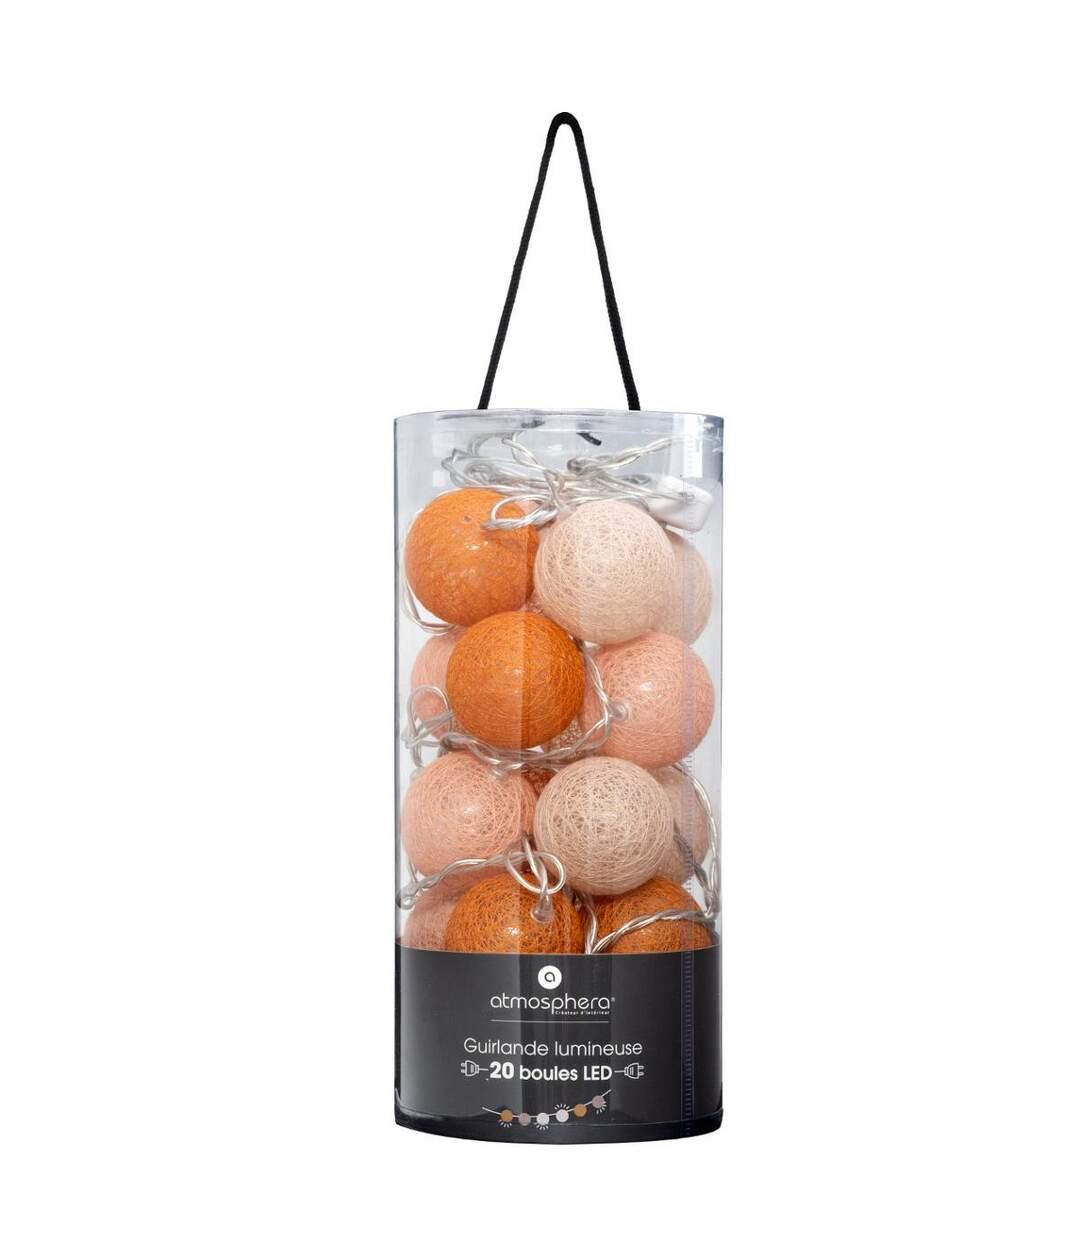 Atmosphera - Guirlande décorative lumineuse Folk 20 boules LED D 6 cm et L 436 cm